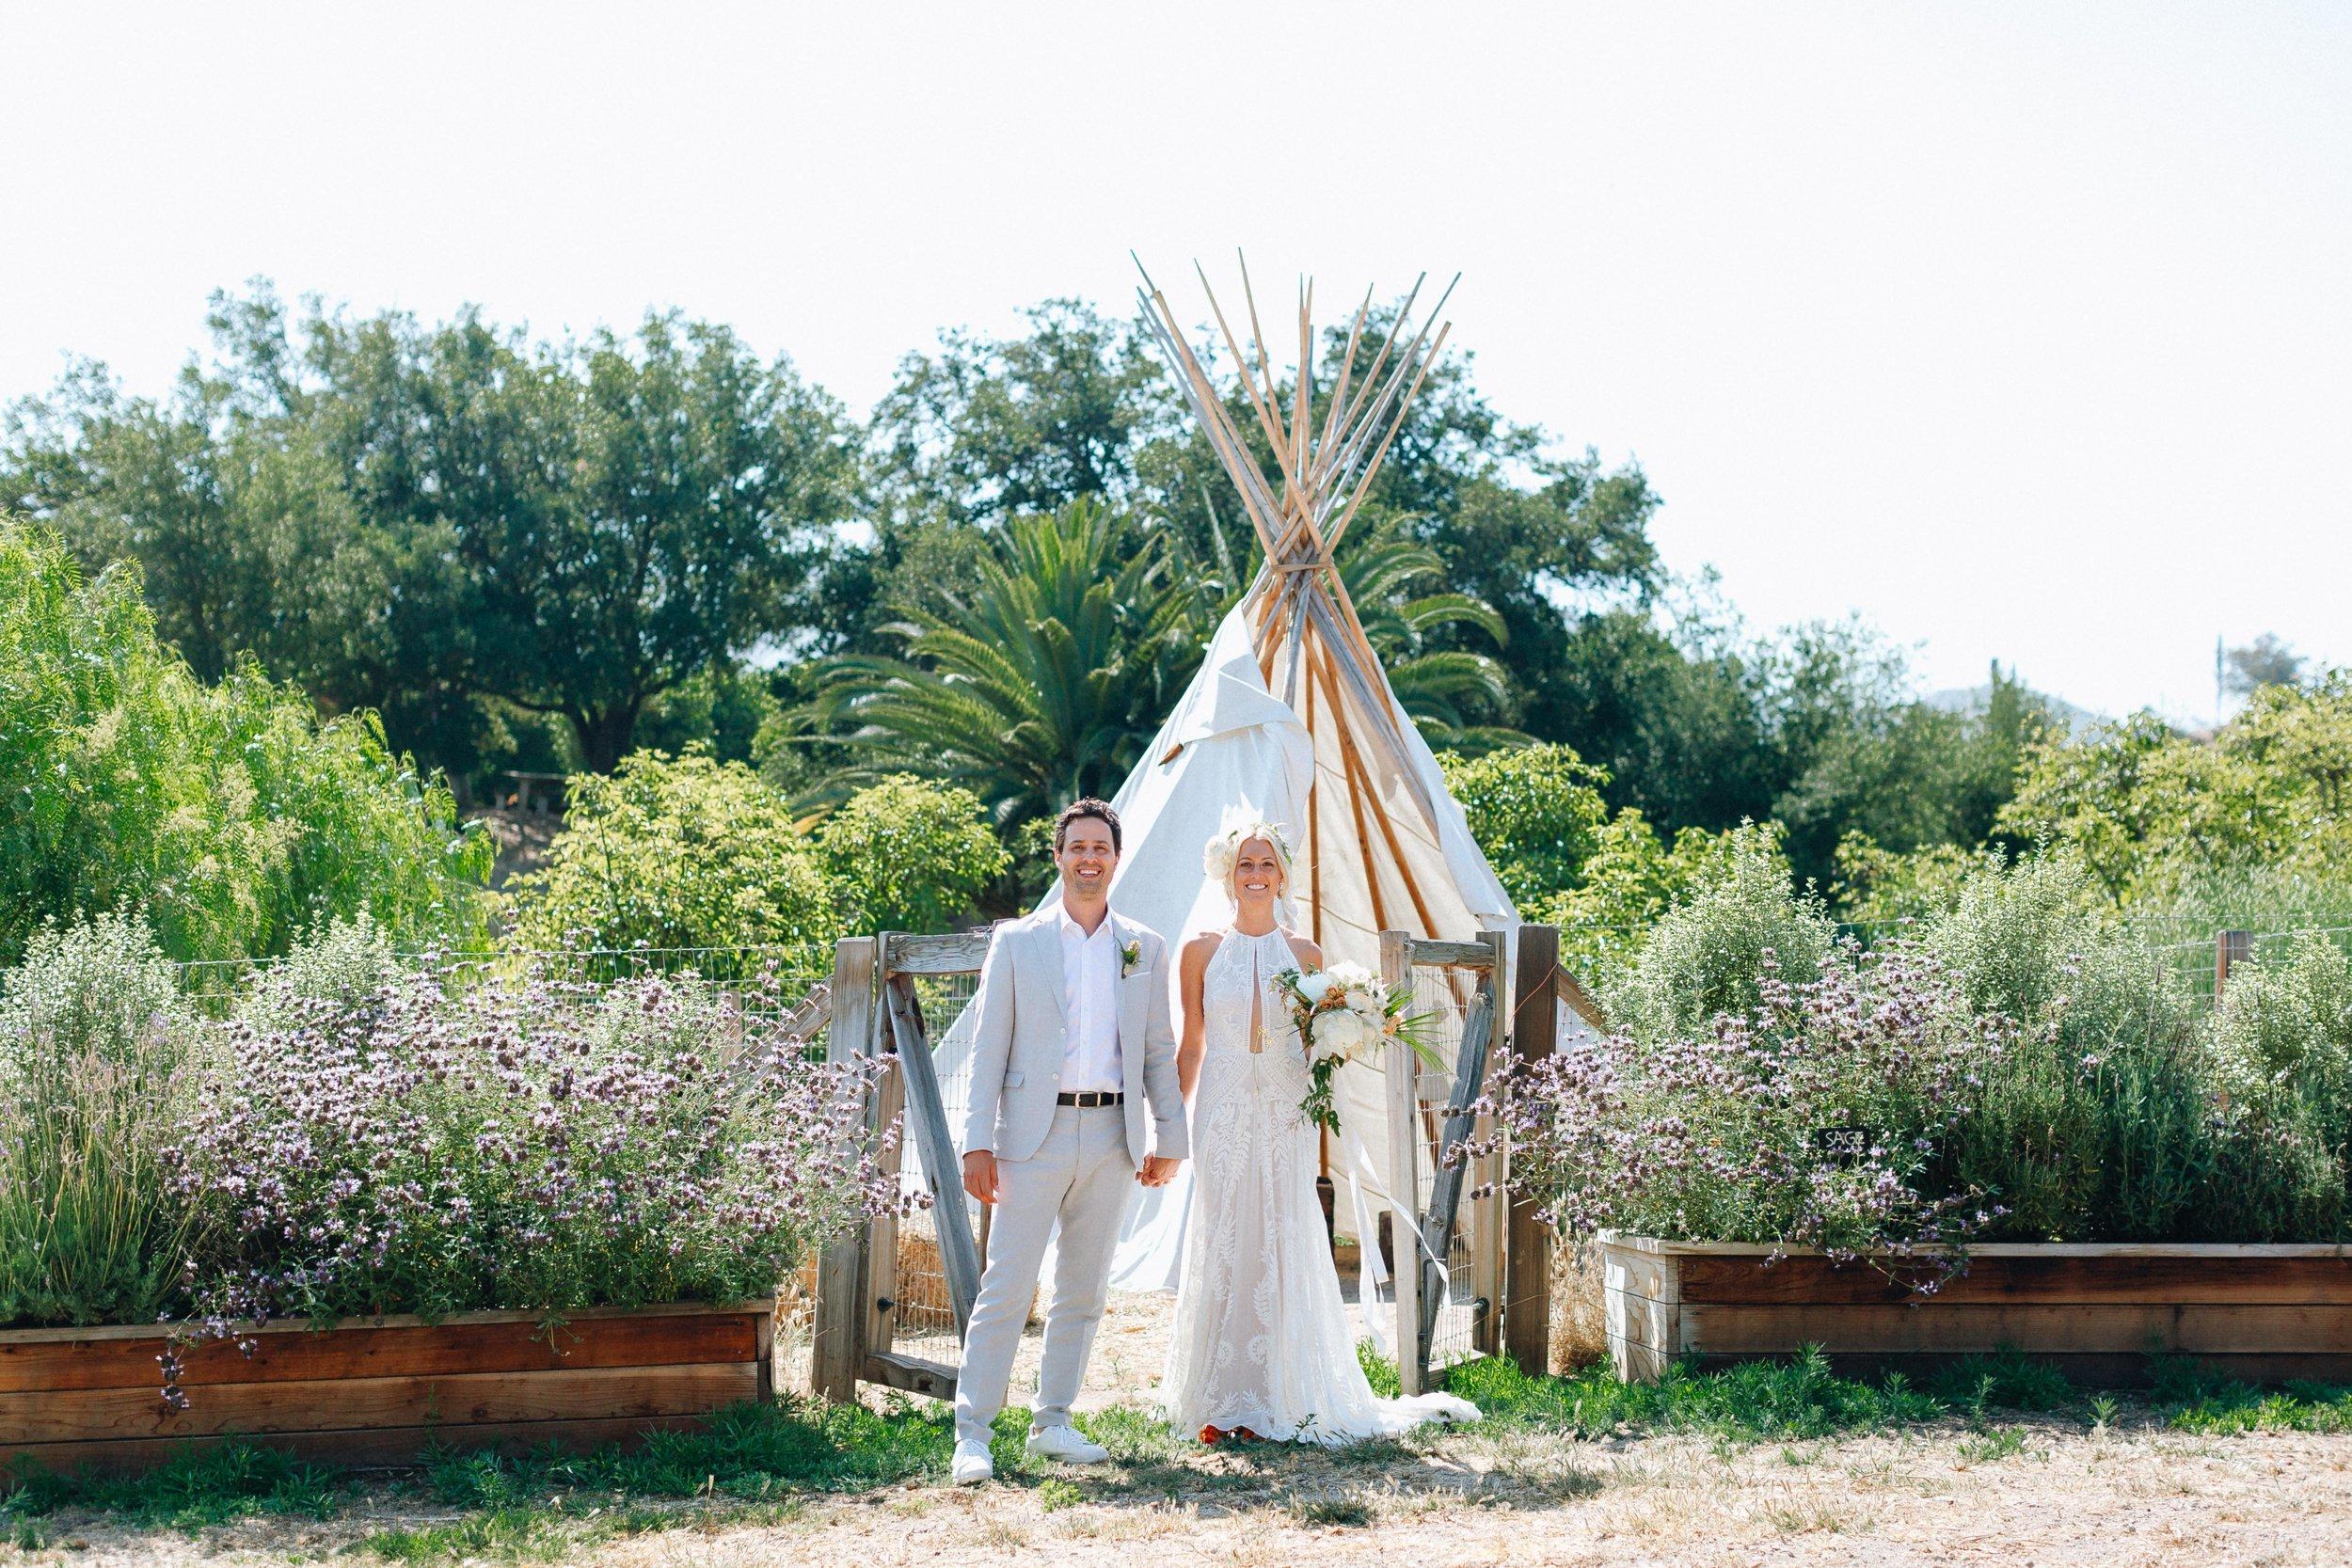 Whitney-Matt-wedding-Two Penguin Photography - Forage Ojai-JBO_3804.jpg